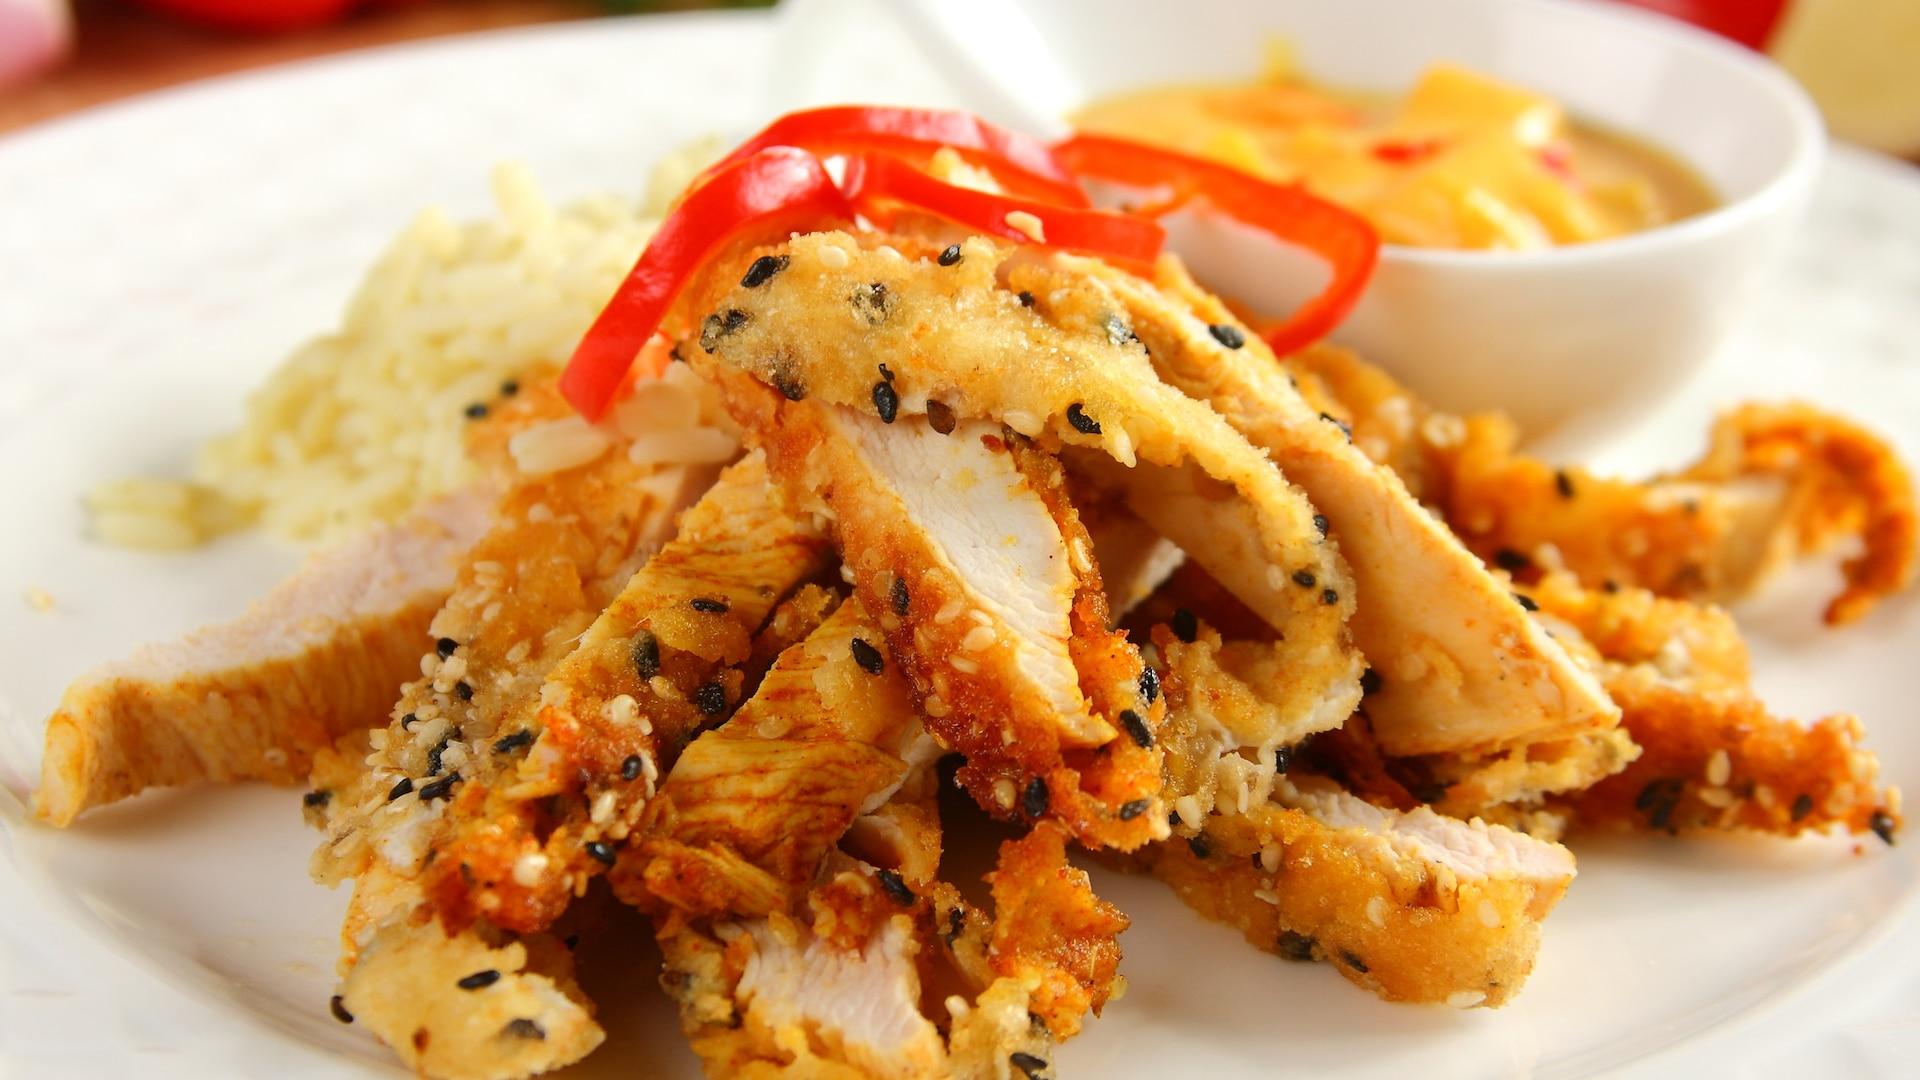 Kurczak Z Ananasem Na Sposob Chinski Przepis Zobacz Na Przepisy Pl